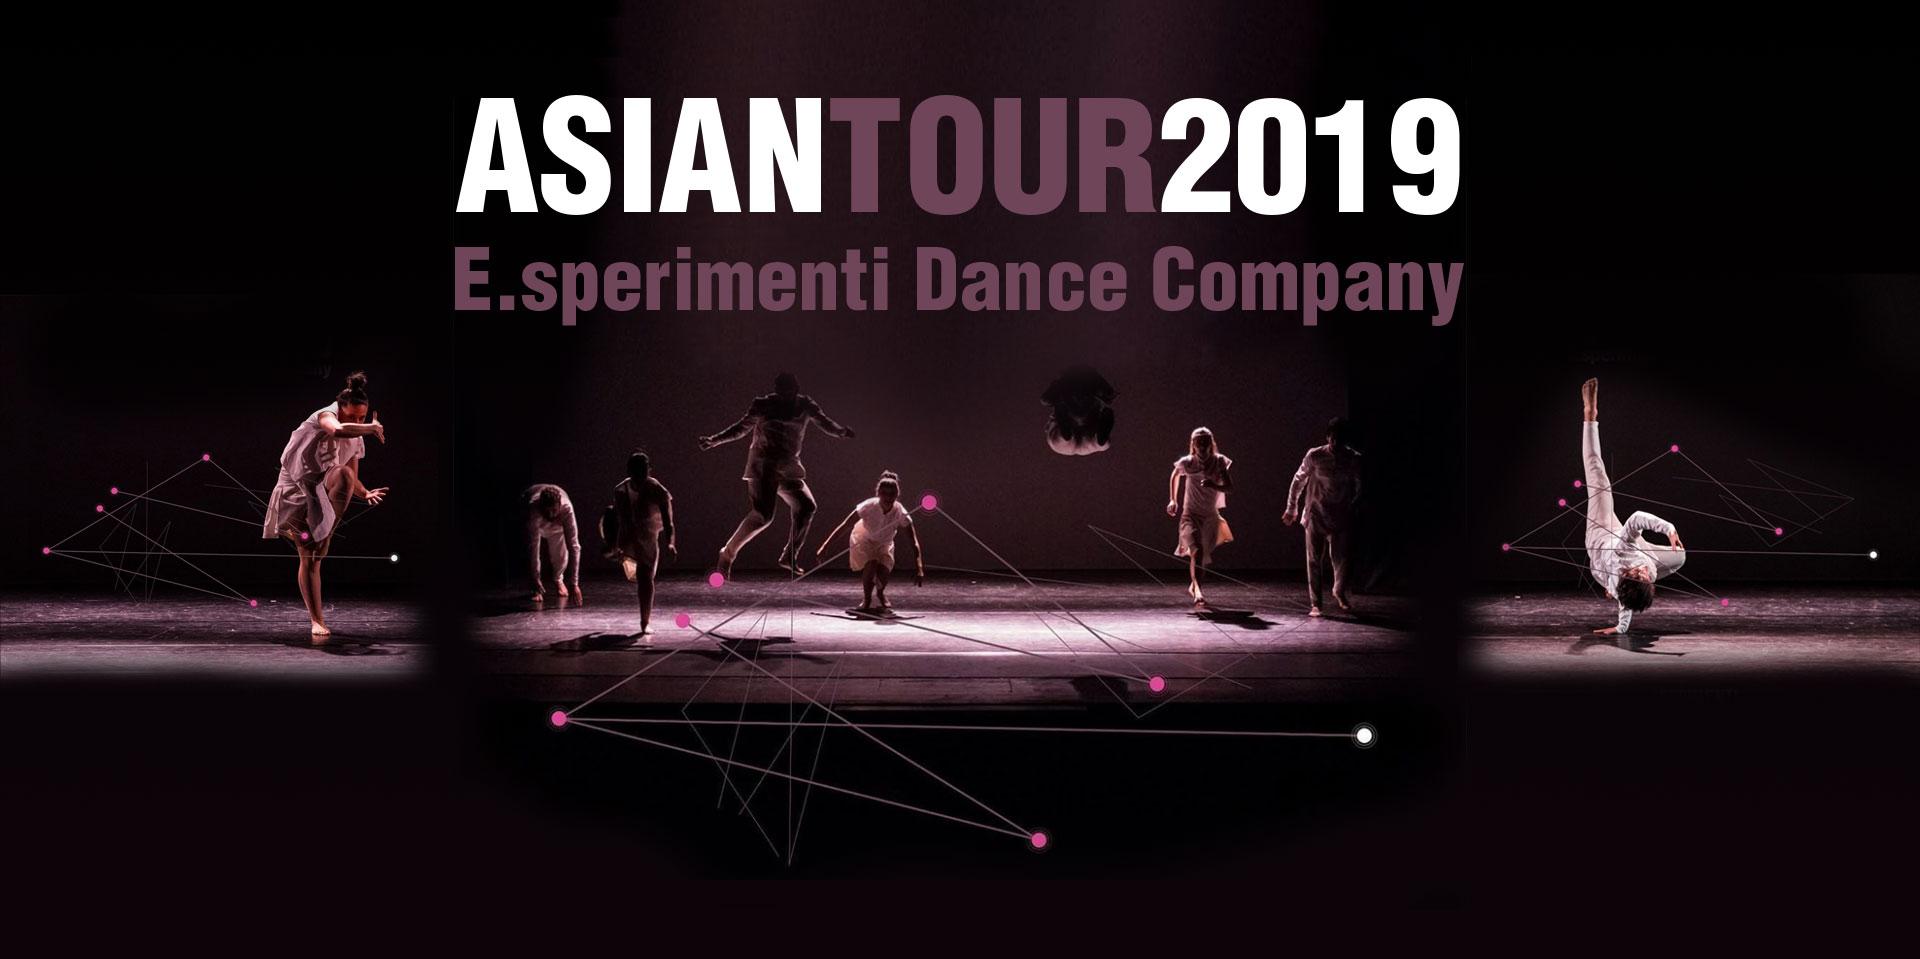 Asian Tour 2019